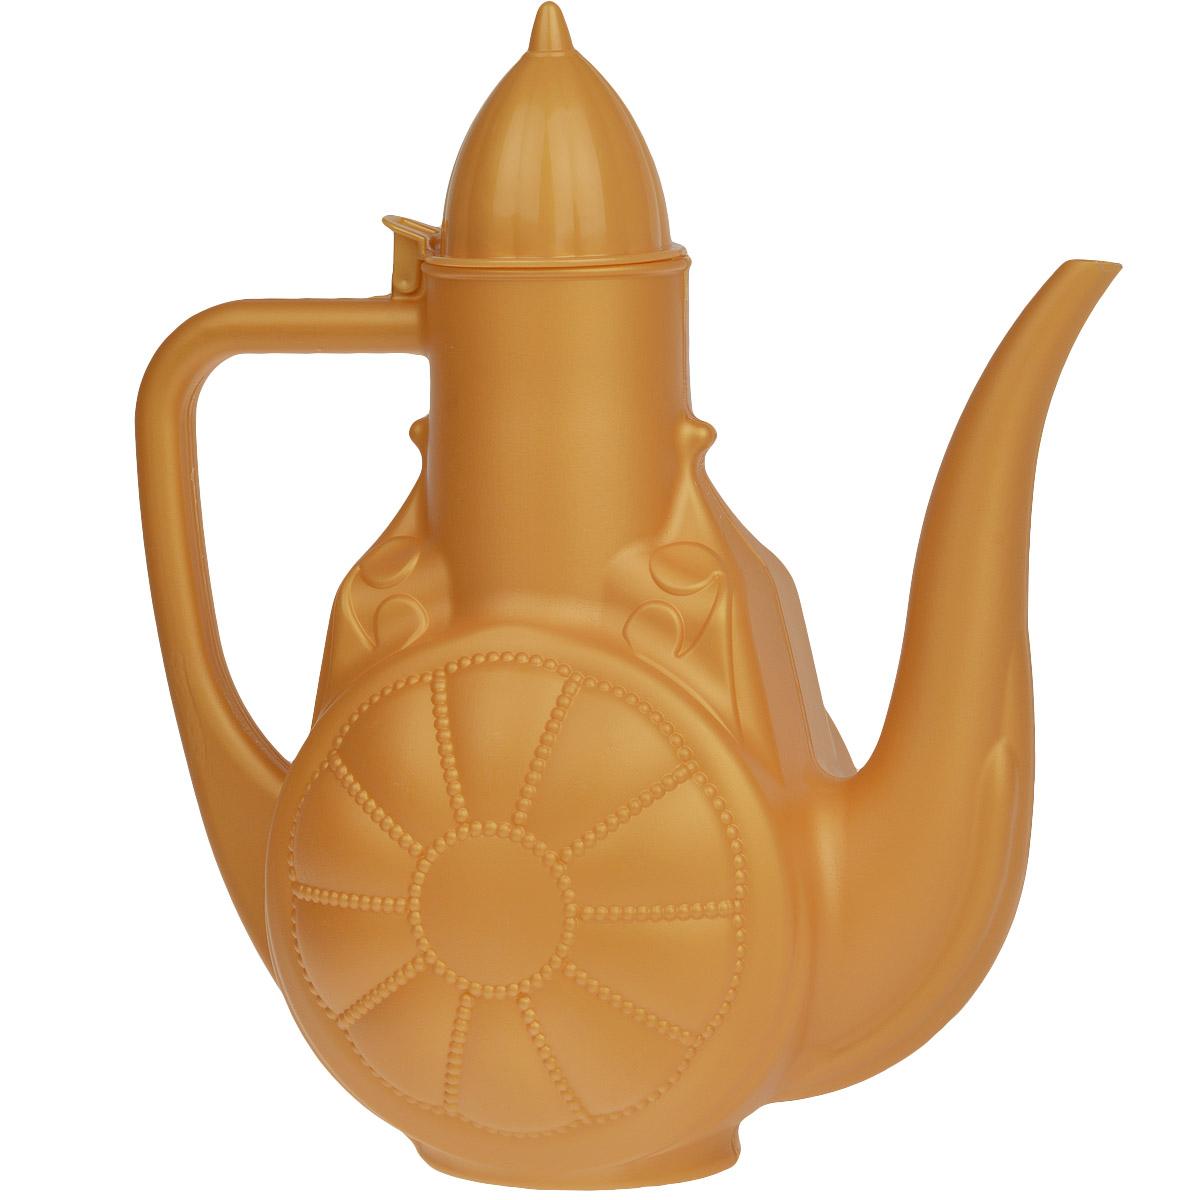 Кувшин Альтернатива Восточные сказки, цвет: оранжевый, 3 лVT-1520(SR)Кувшин Альтернатива Восточные сказки изготовлен из высококачественного непищевого пластика, оснащен носиком, откидной крышкой и имеет узкое горло. Такой кувшин - кумган - применяется в основном для умывания и мытья рук на исламском востоке, а также подмывания, исходя из традиции отправления естественных потребностей на исламском востоке.Кувшин можно также использовать в хозяйственных нуждах.